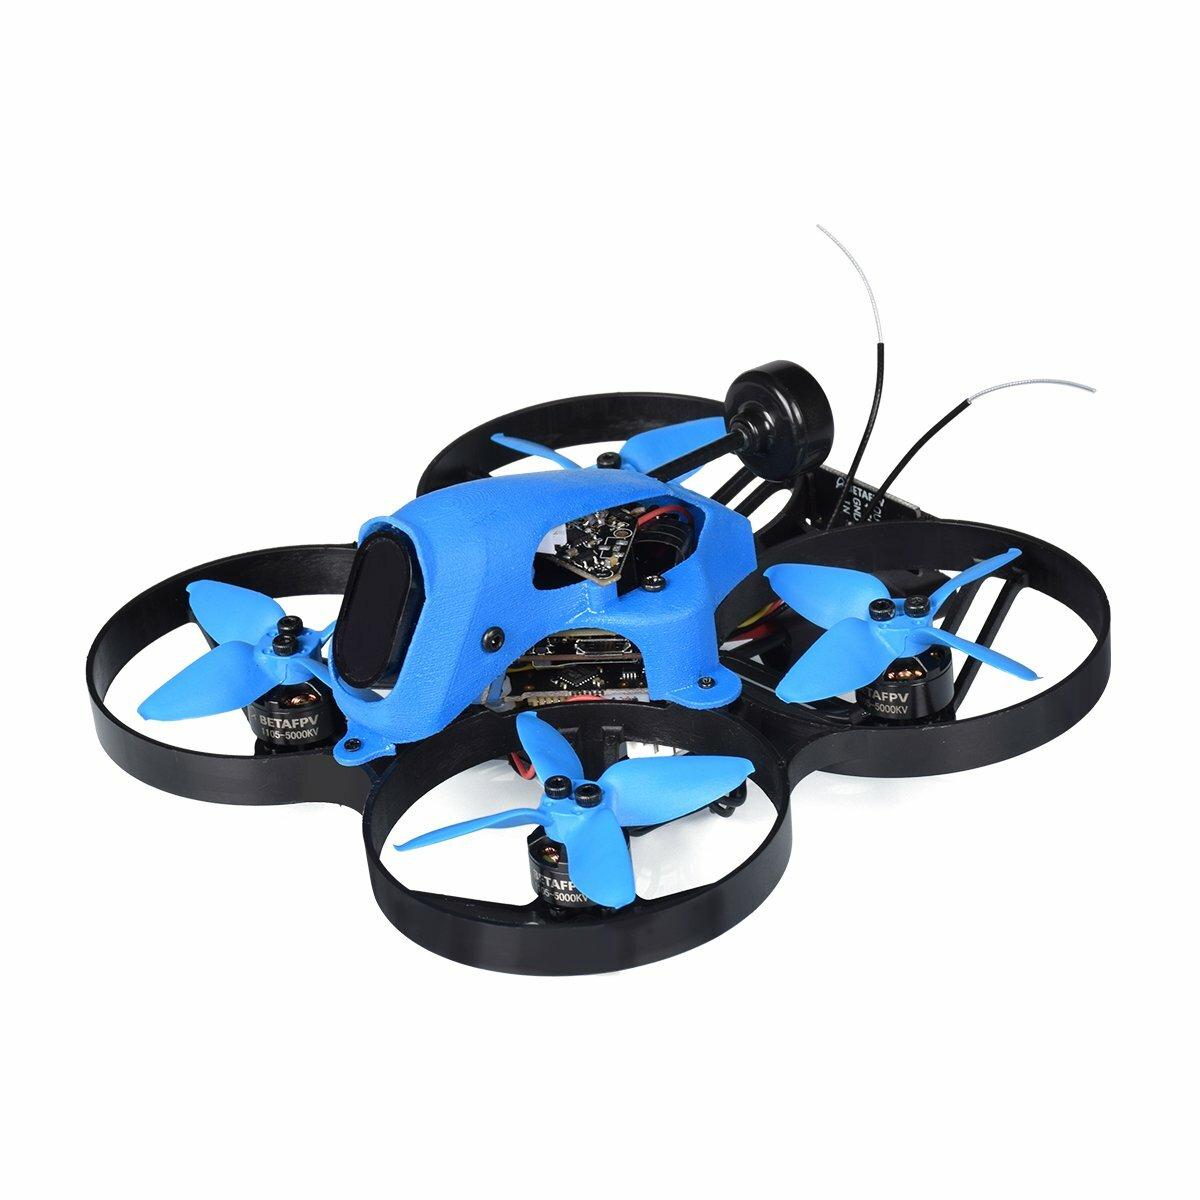 【セット商品】Beta85X 4K Whoop Quadcopter (4S) Futaba(S-FHSS)仕様+450mAh 4S 75C Lipo Battery (2PCS)